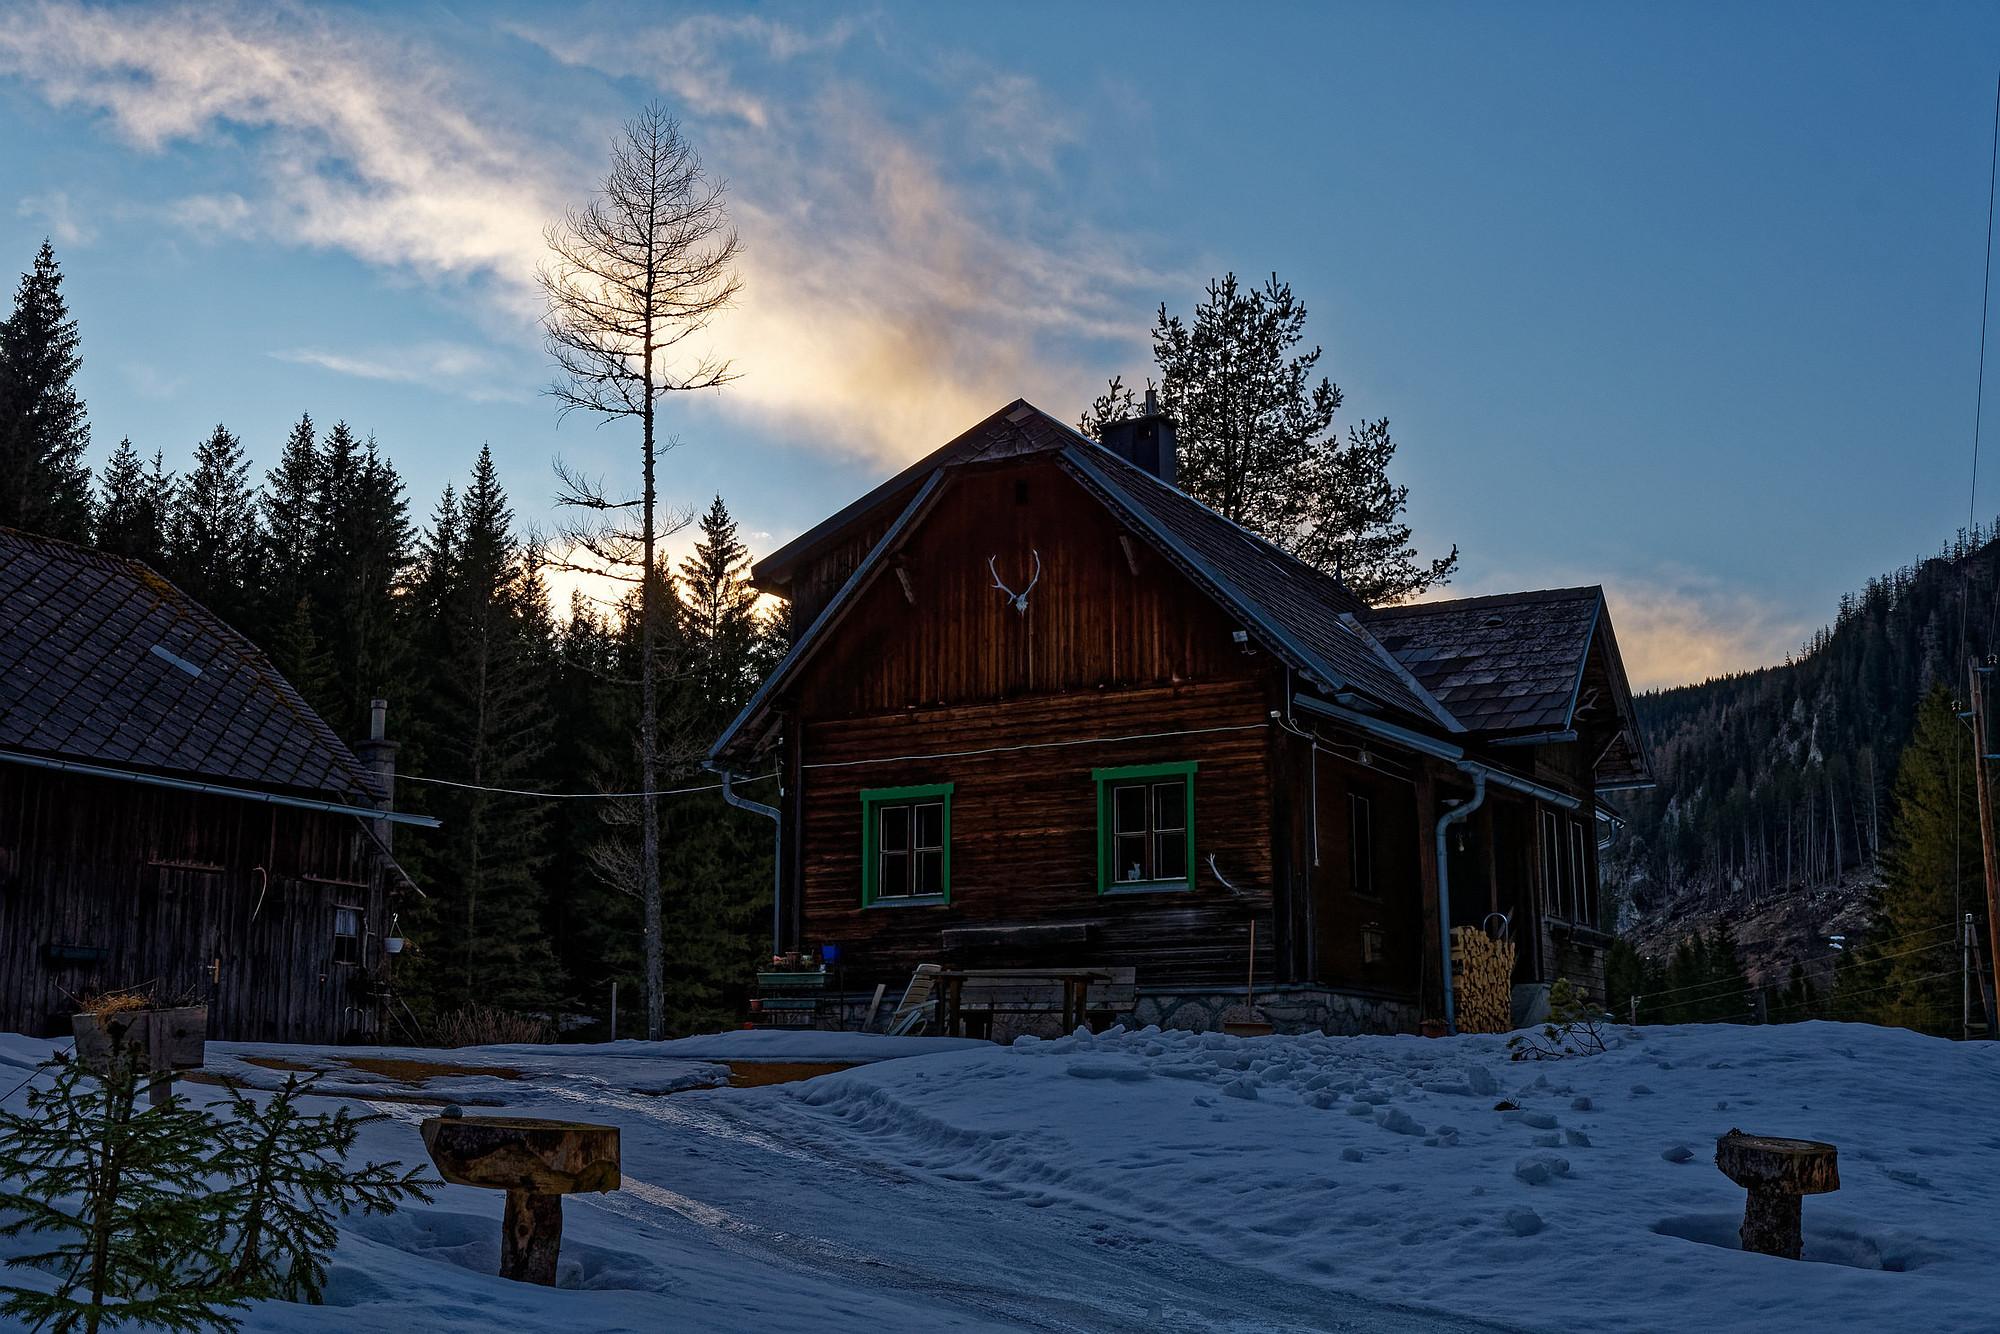 jagdhütte in abendstimmung kalte mürz 2021-03-06